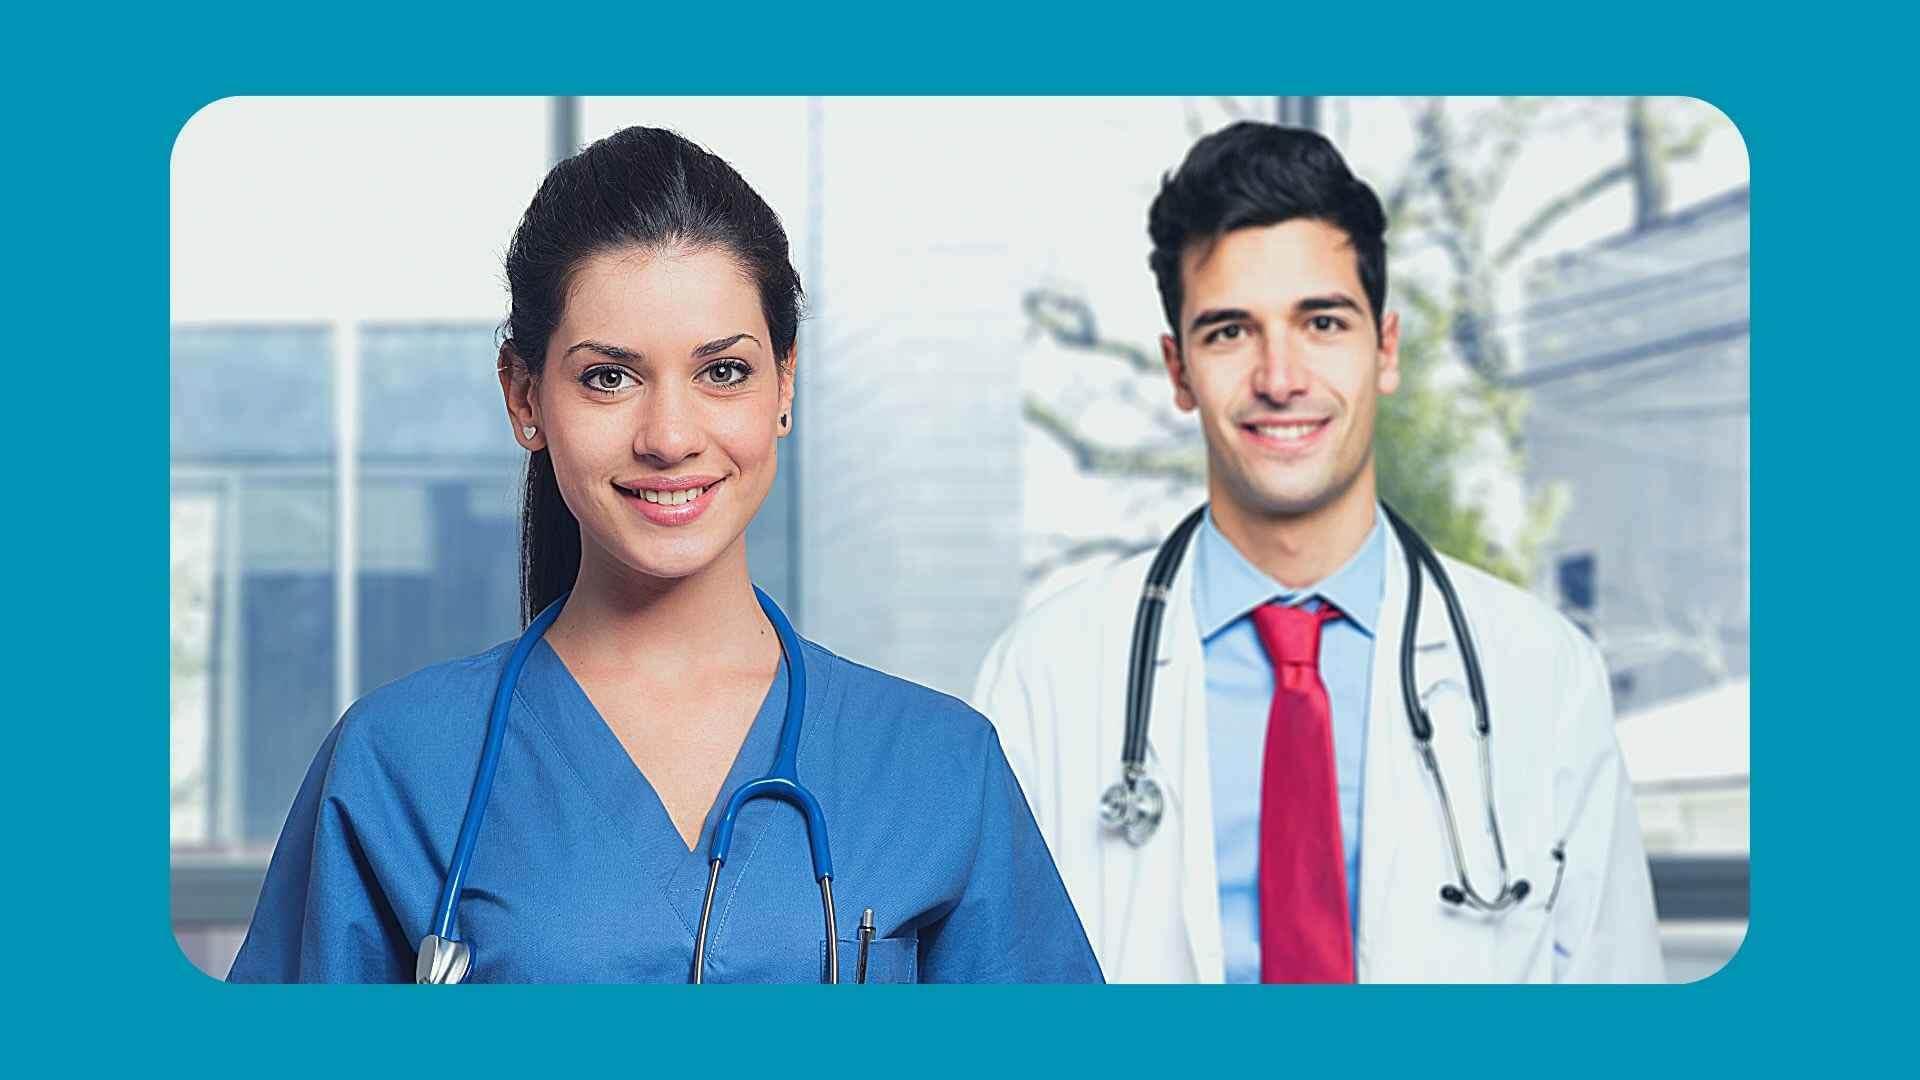 5 Probleme, die dir als jungem Arzt begegnen können und wie sie sich lösen lassen